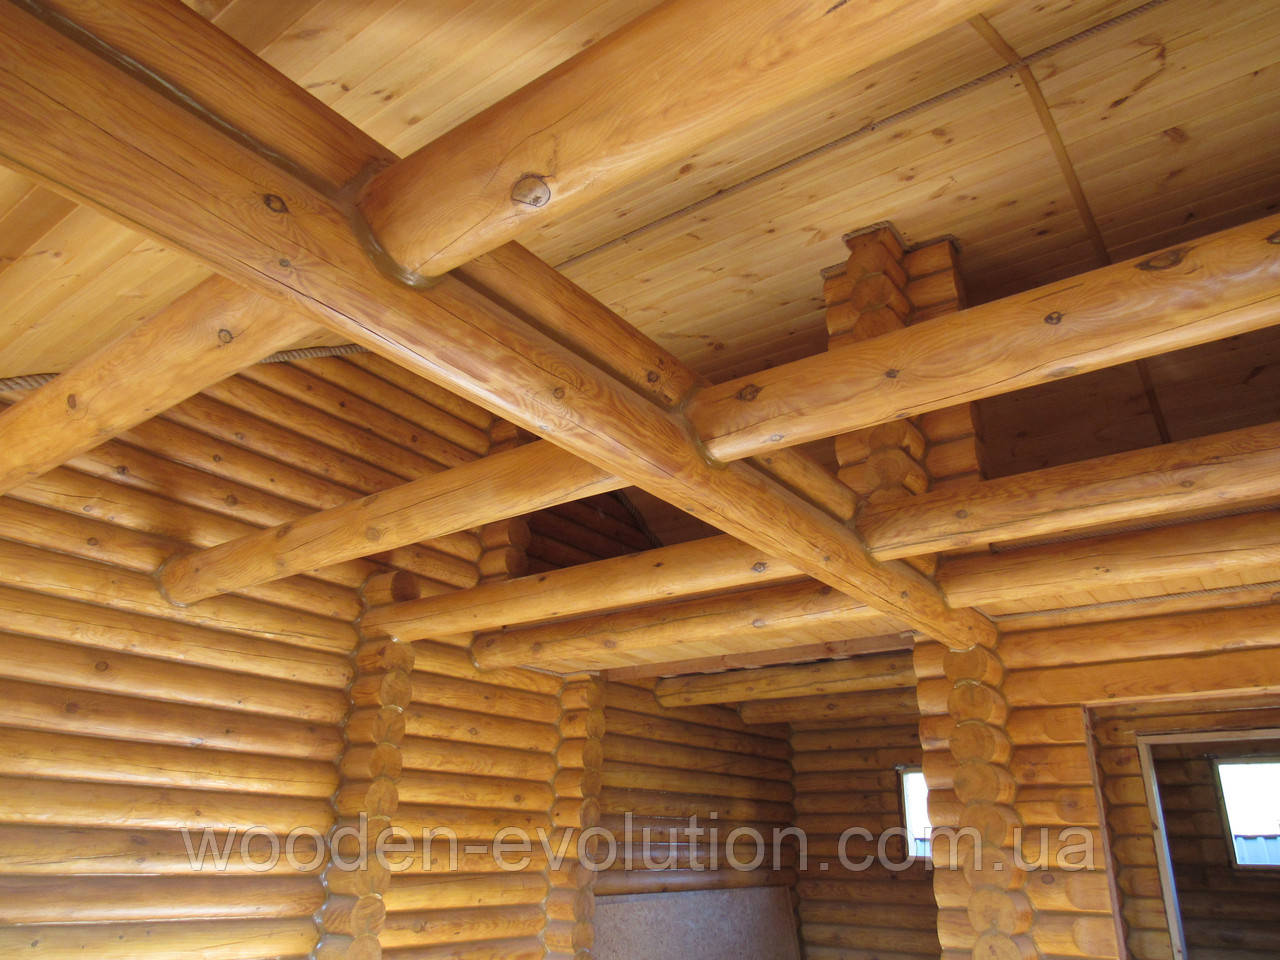 Внутрішня обробка дерев'яного будинку/зрубу